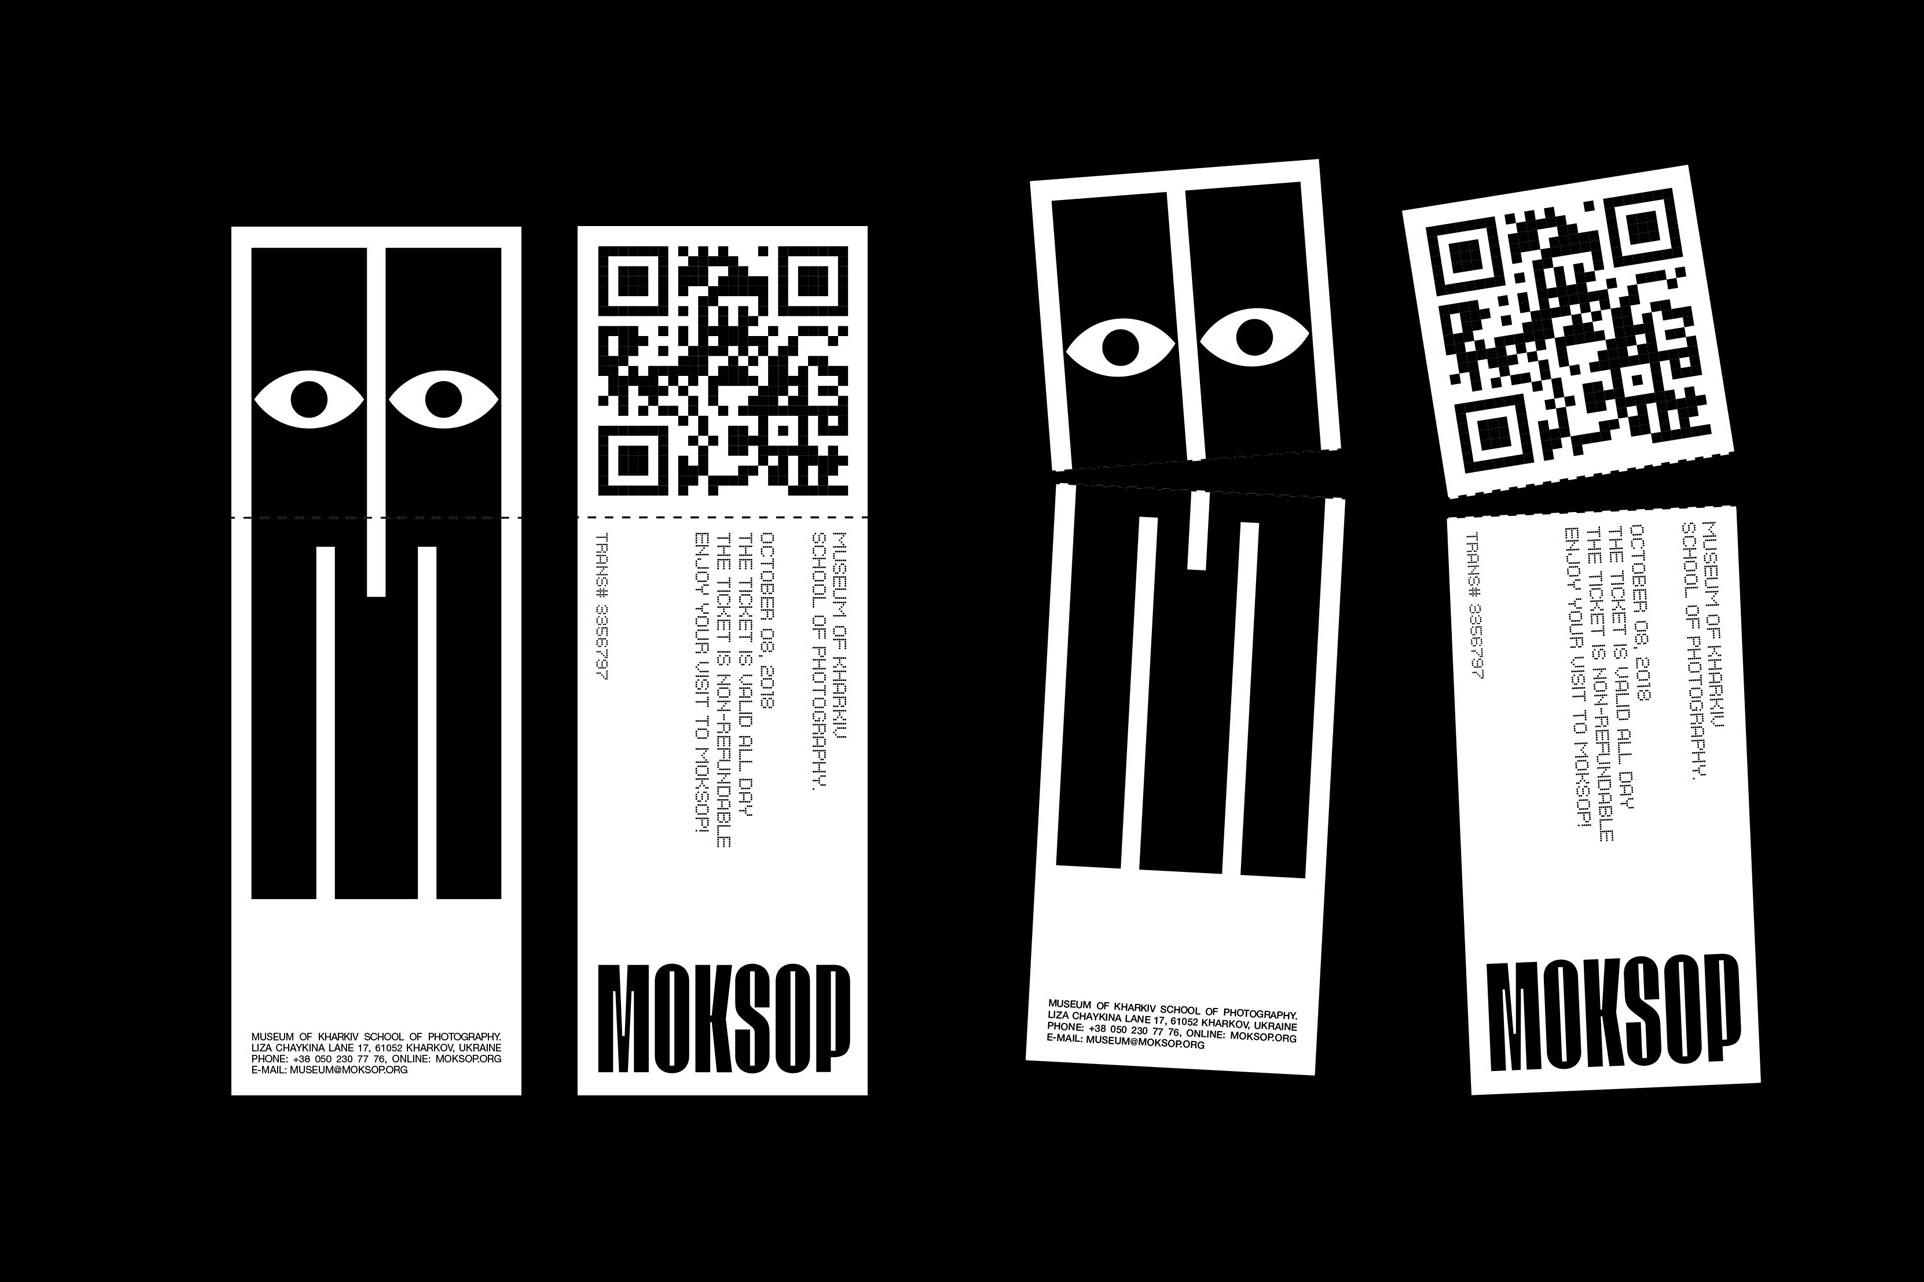 New Logo and Identity for MOKSOP by Molto Bureau